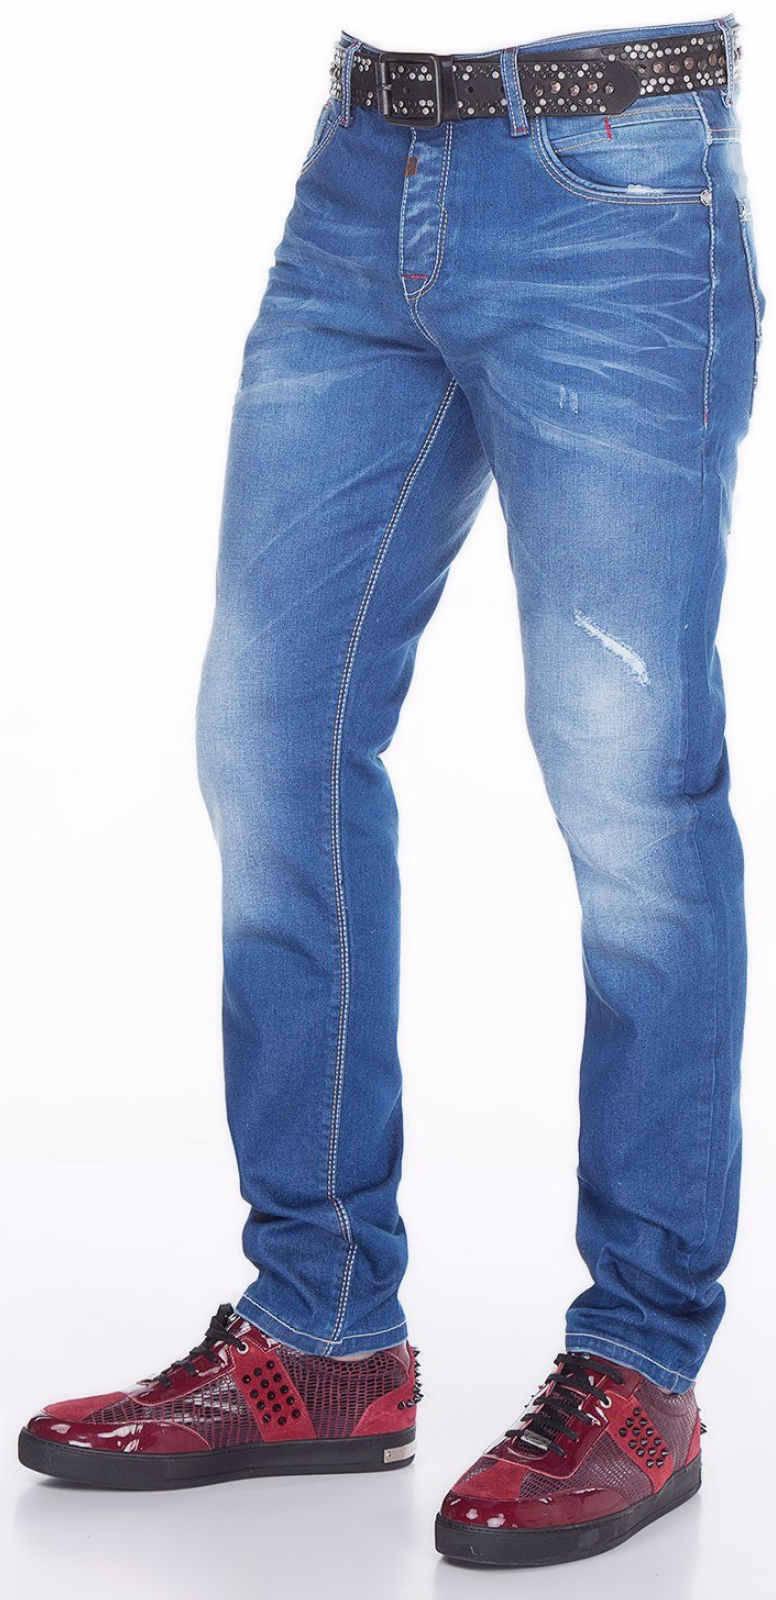 Pantalon Slim Cd386 Stretch Men's Baxx Cipo Jeans Nouveau Coupe Denim qXZx0x